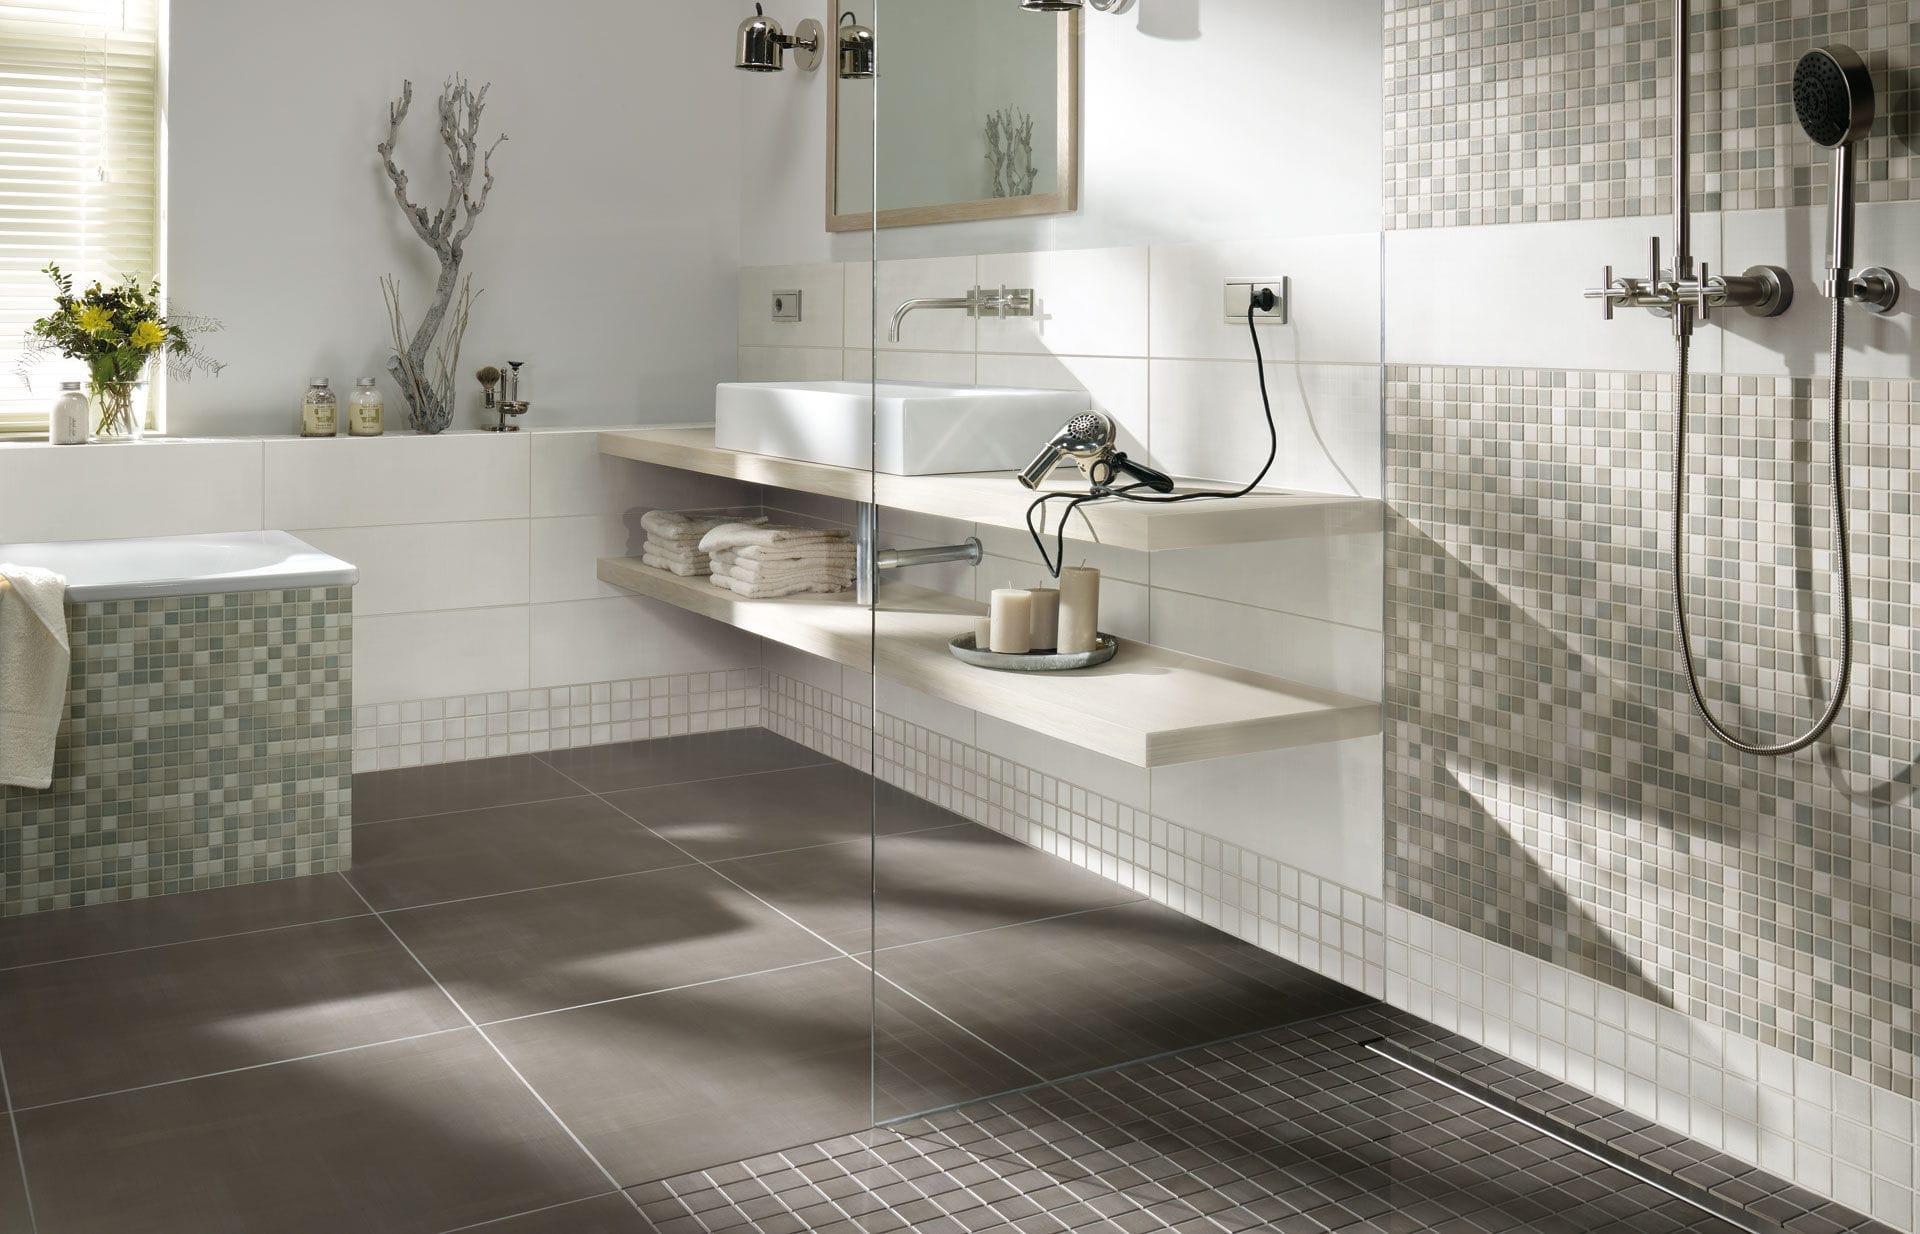 Mosaico da bagno da cucina da sala da parete highlands